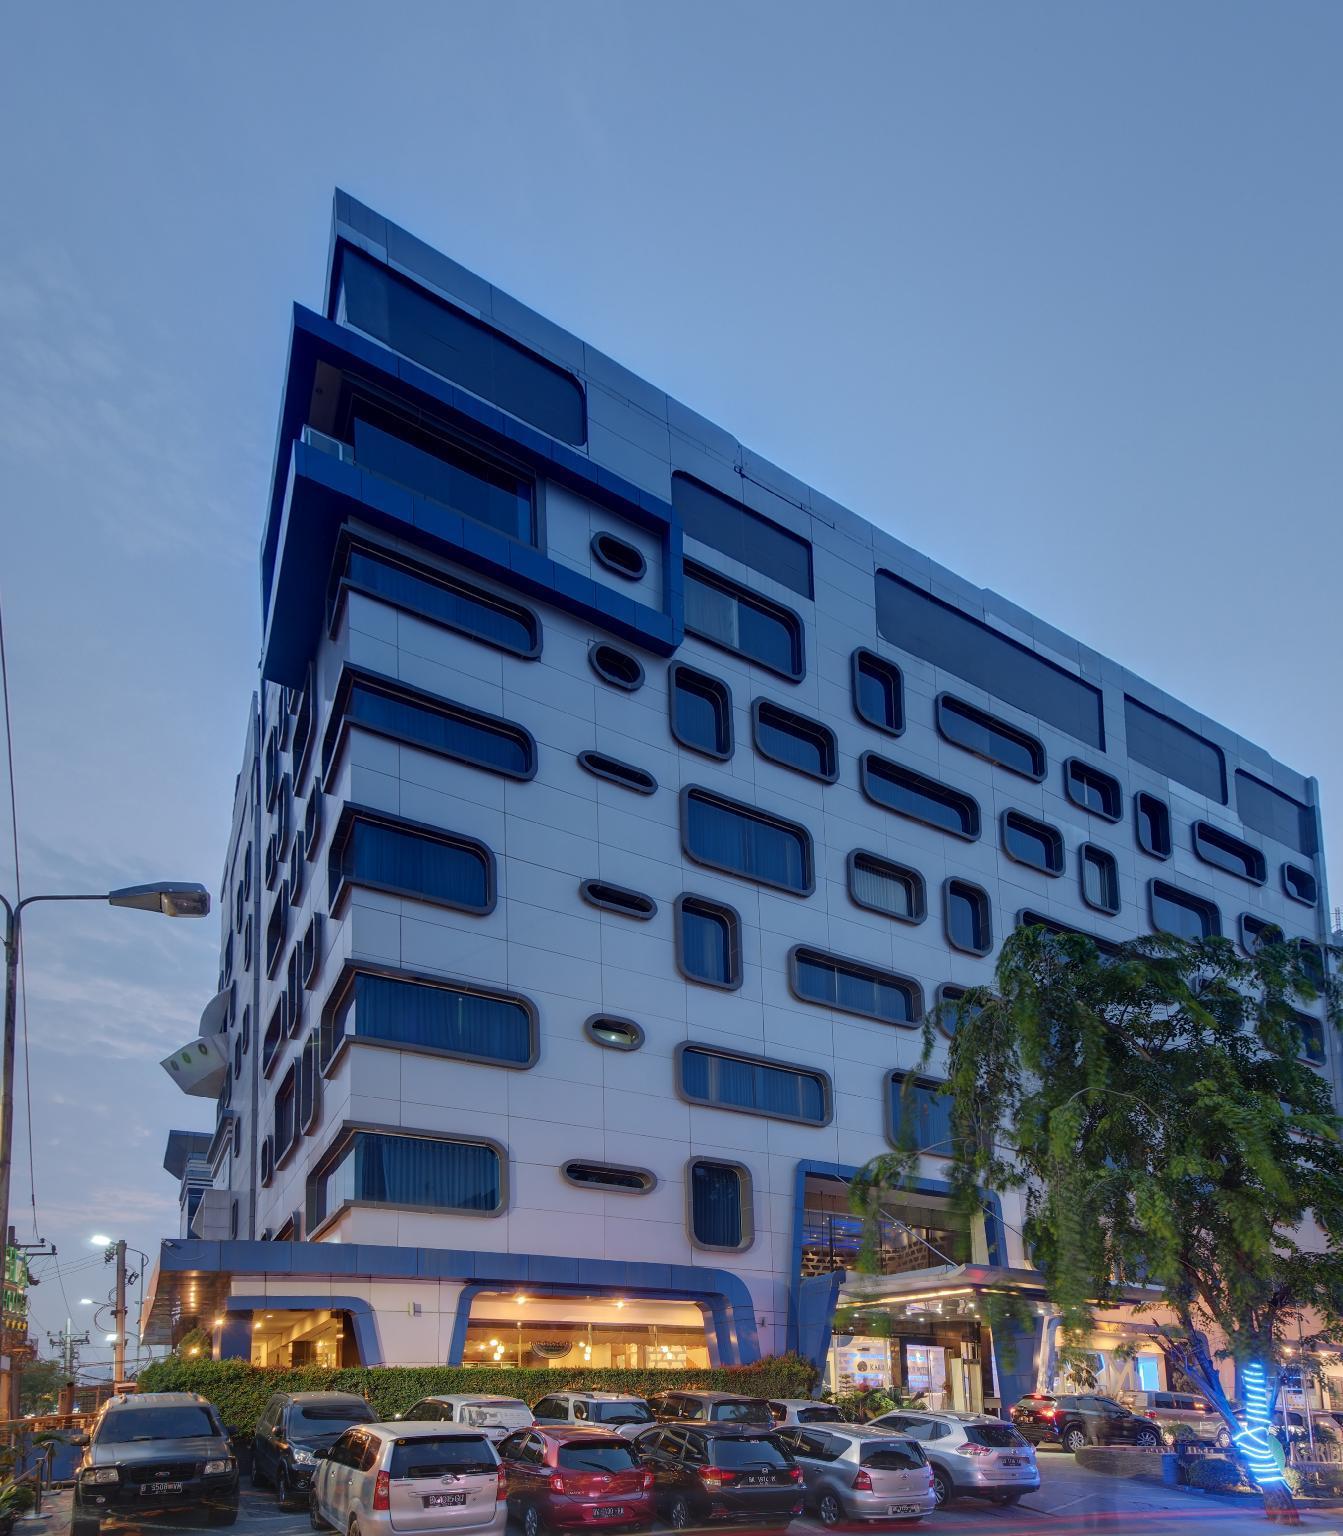 karibia boutique hotel room deals reviews photos medan indonesia rh agoda com